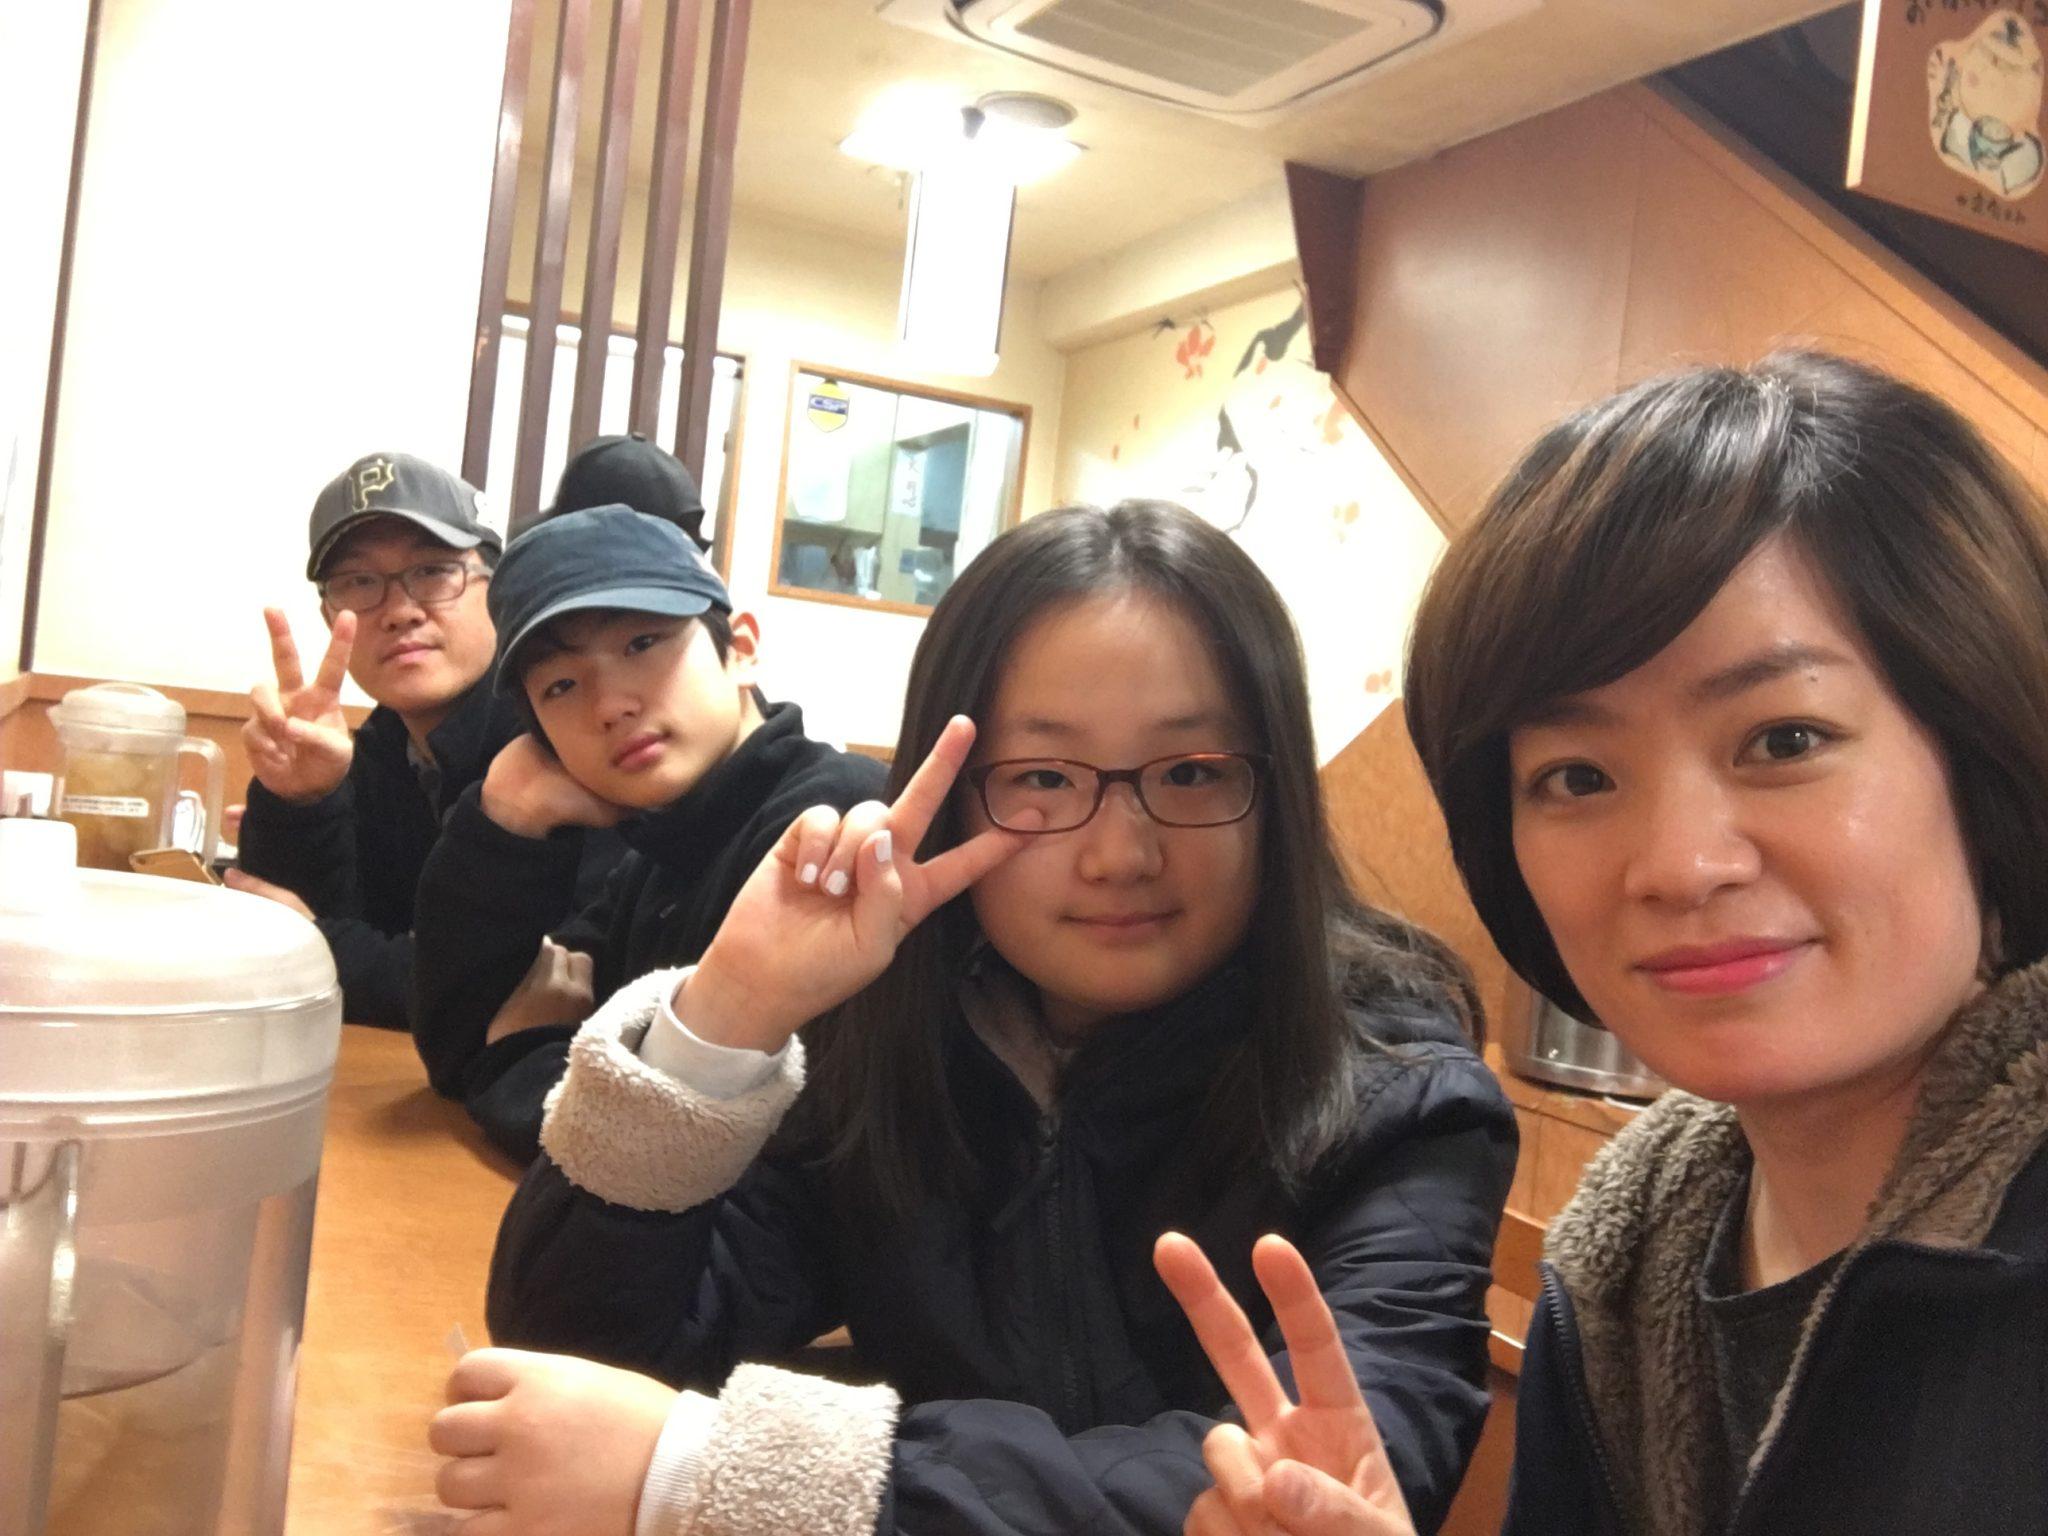 오사카 도톤보리 아침 식사